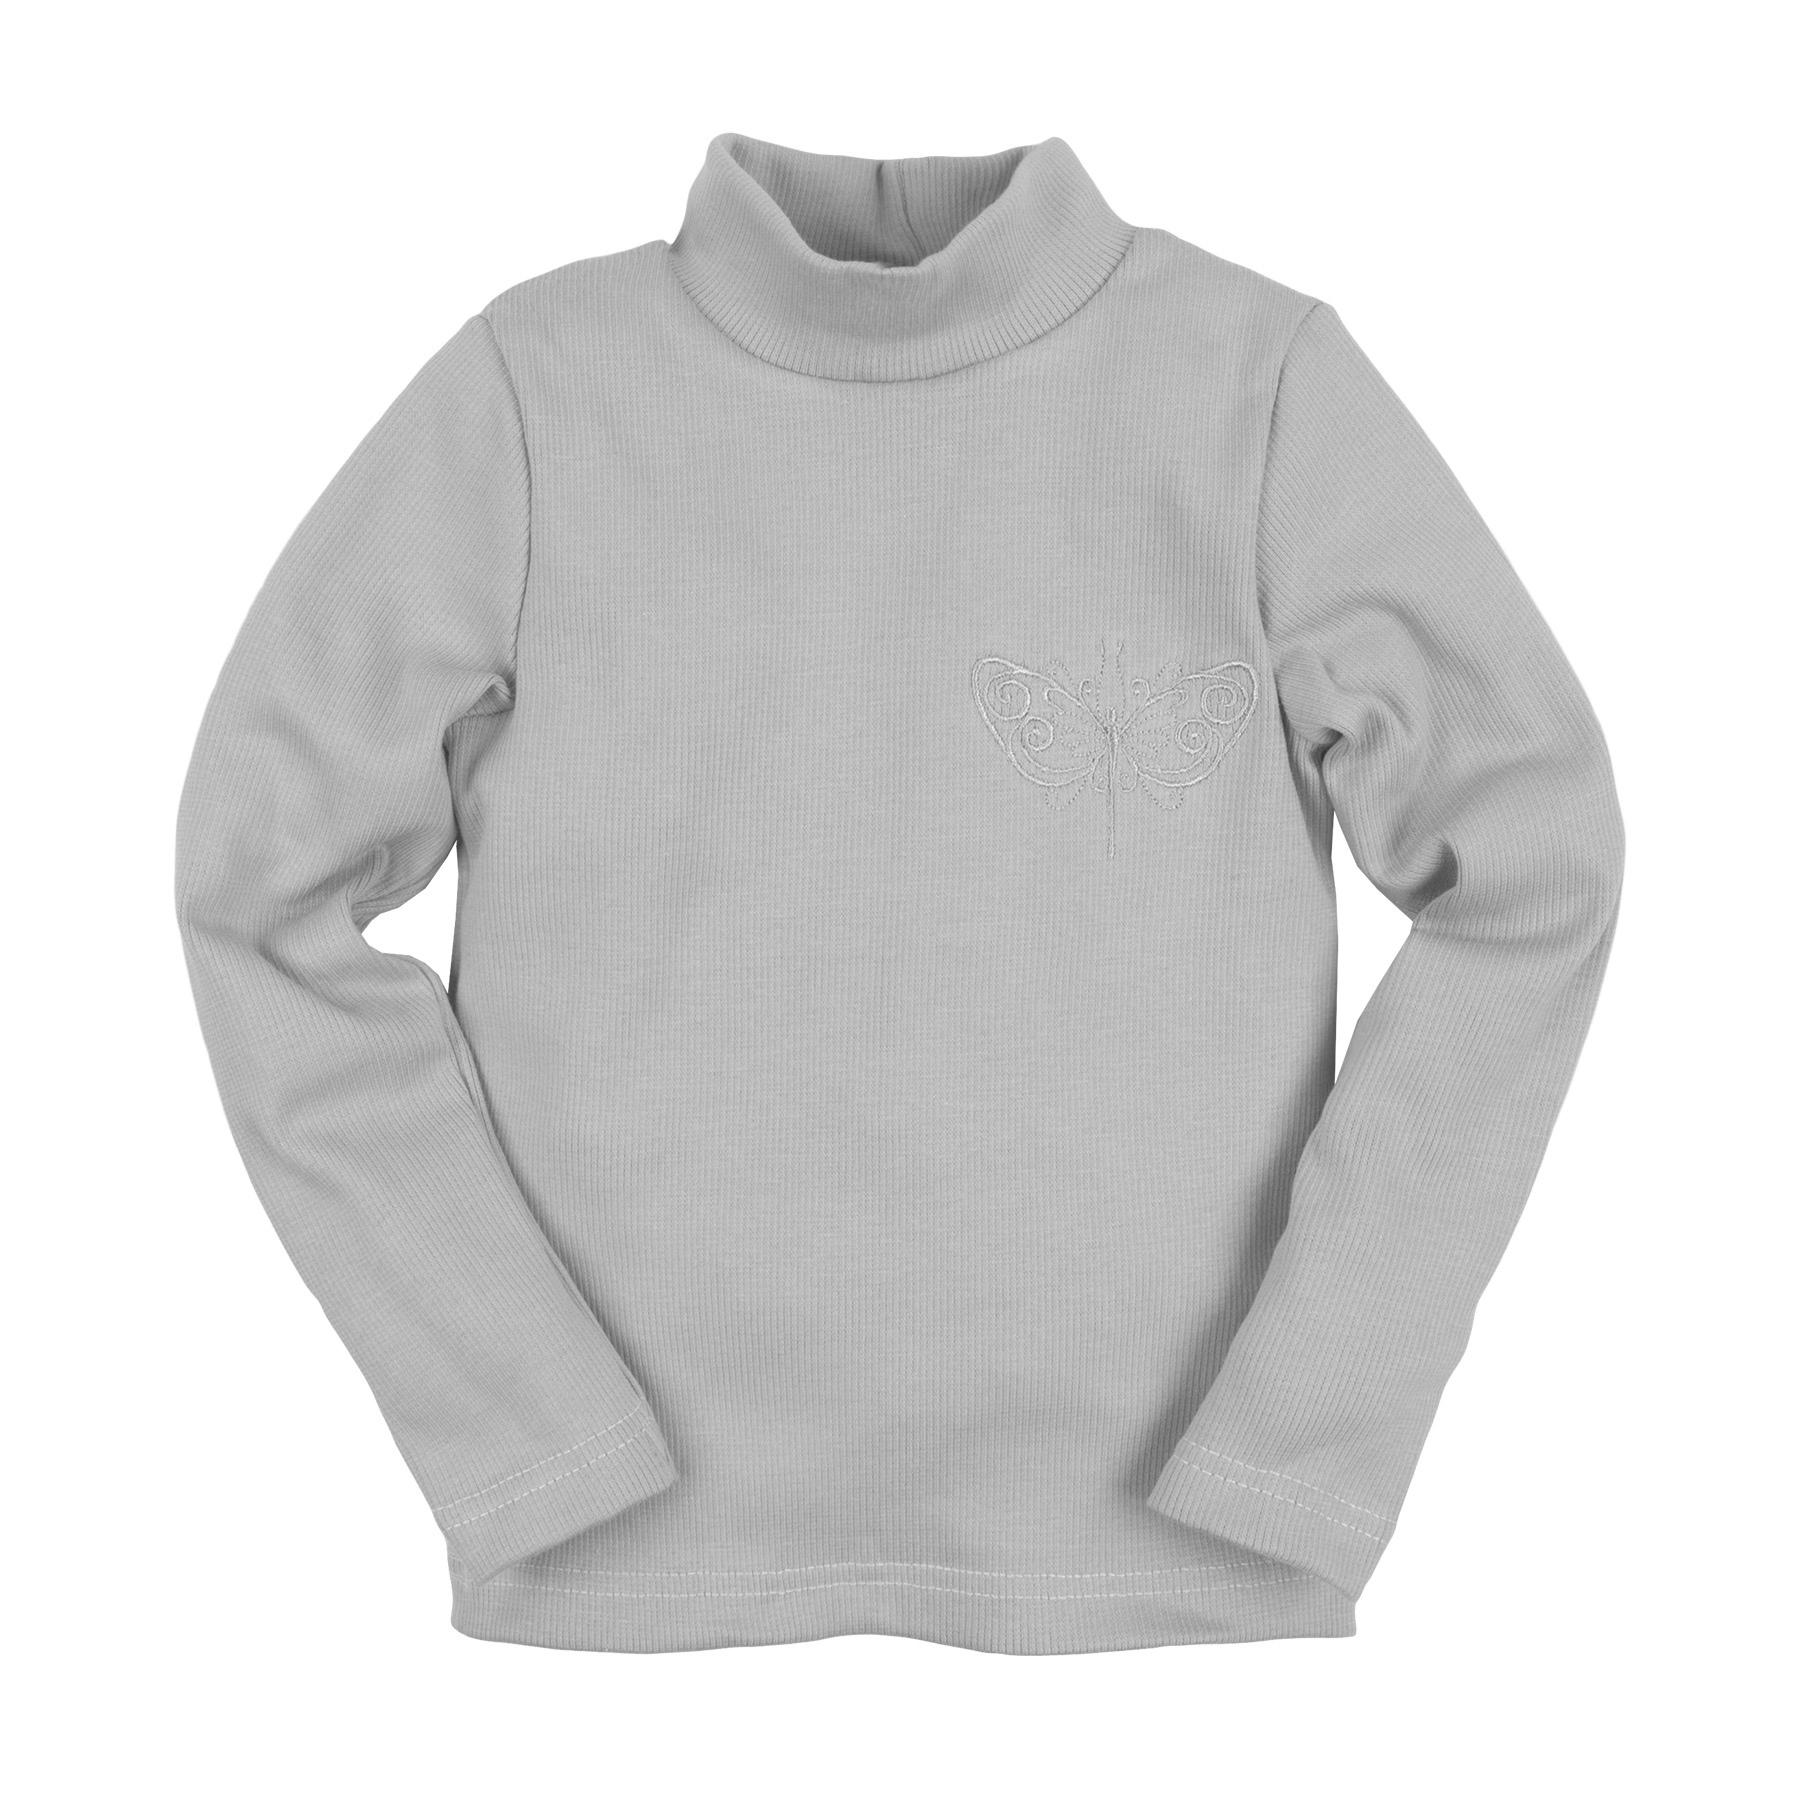 Купить одежду в интернете дешево